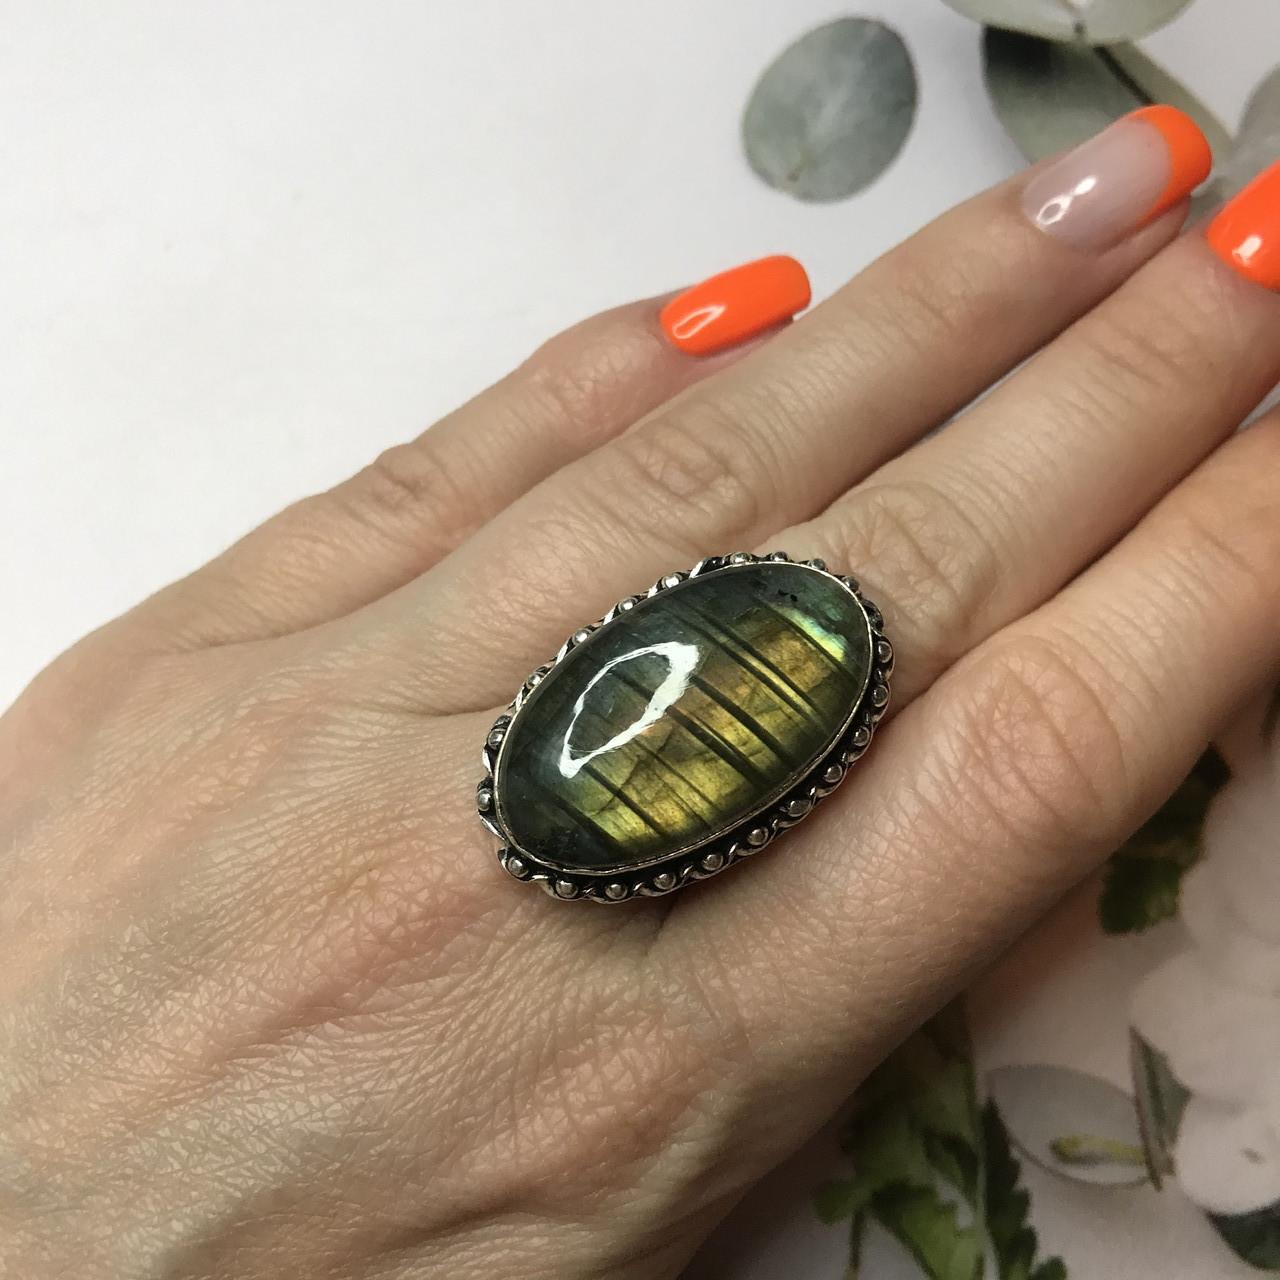 Лабрадор 17,5 р кольцо с натуральным лабрадором в серебре кольцо с лабрадором кольцо лабрадор Индия